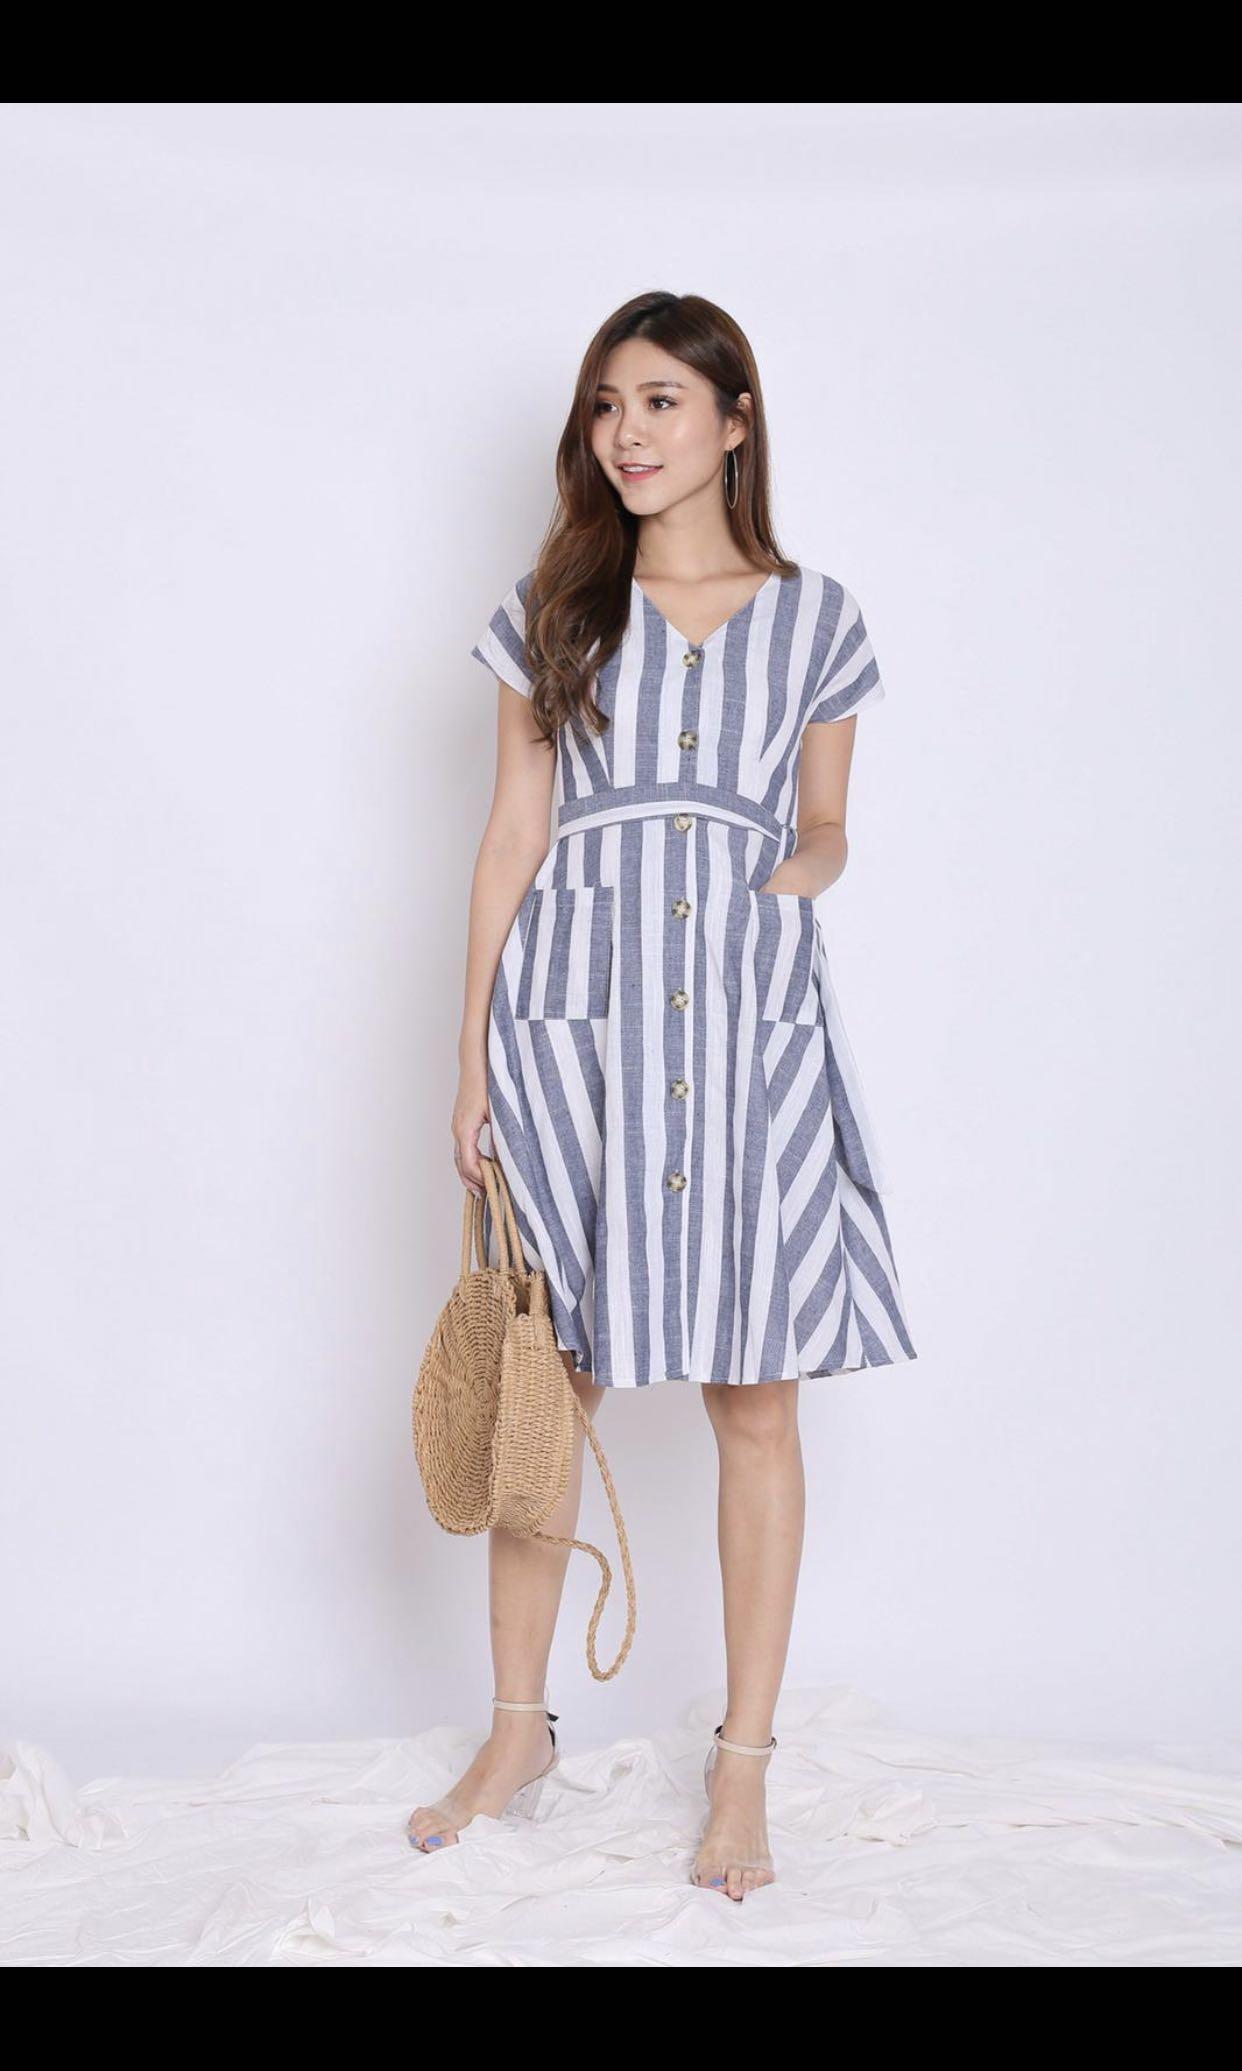 BNWT Topazette urban pocket dress